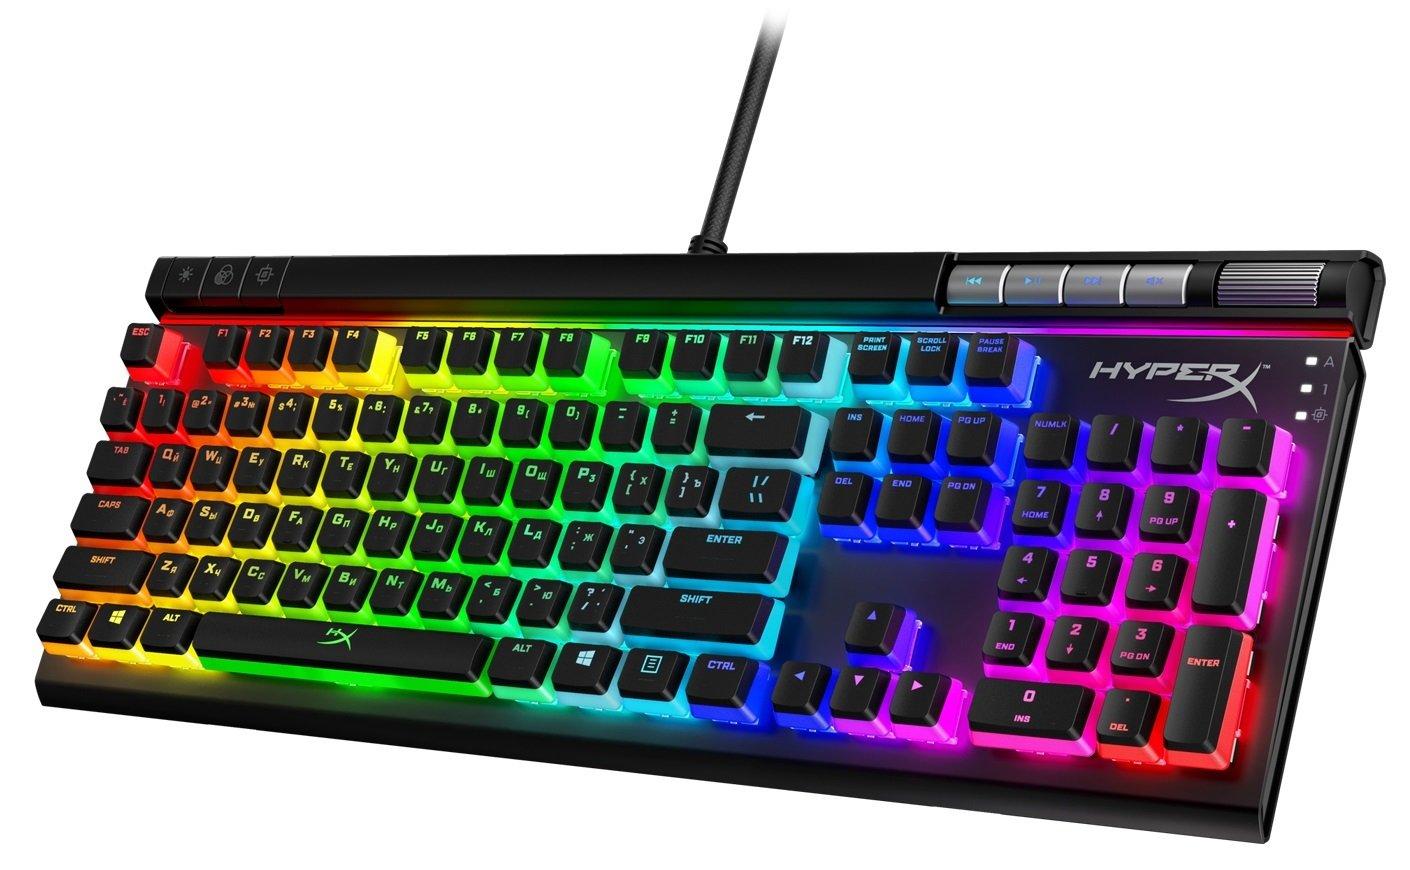 Набор колпачков для механических клавиатур HyperX Pudding Keycaps (HKCPXA-BK-RU/G) фото 3